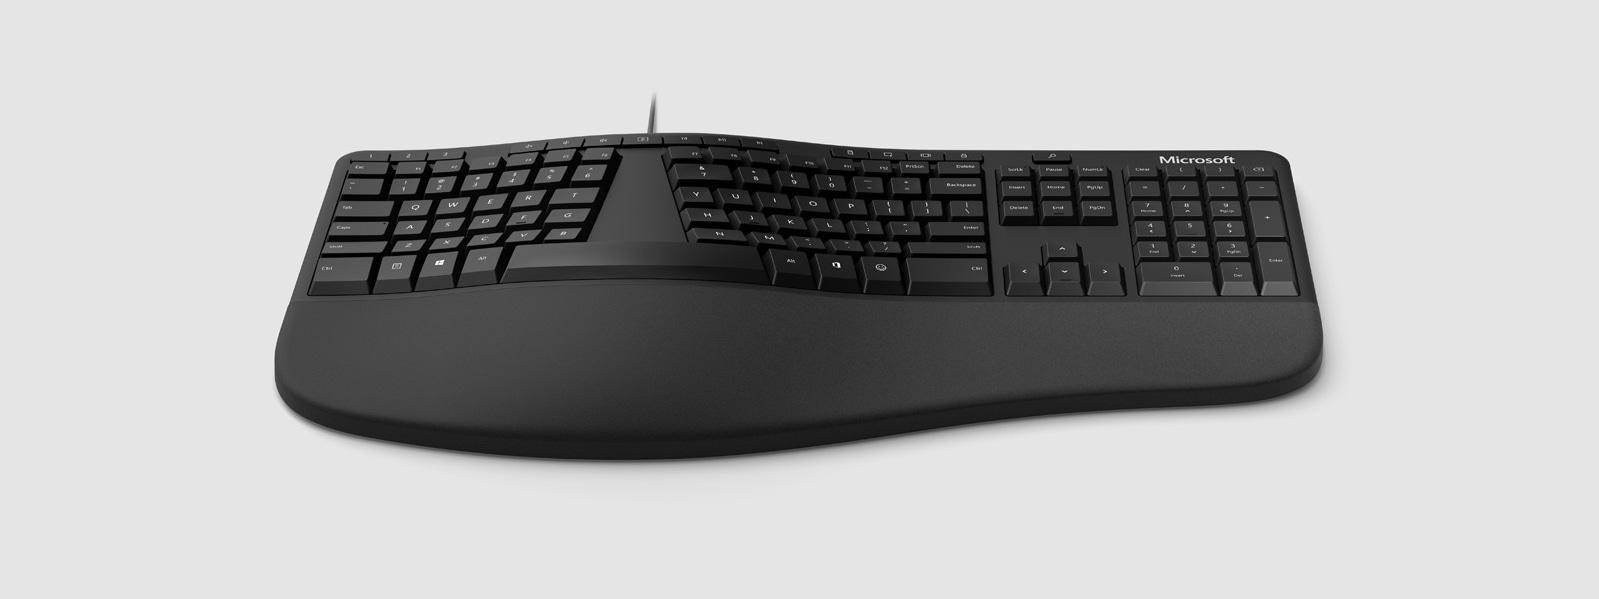 Исключительный комфорт печати на беспроводной клавиатуре